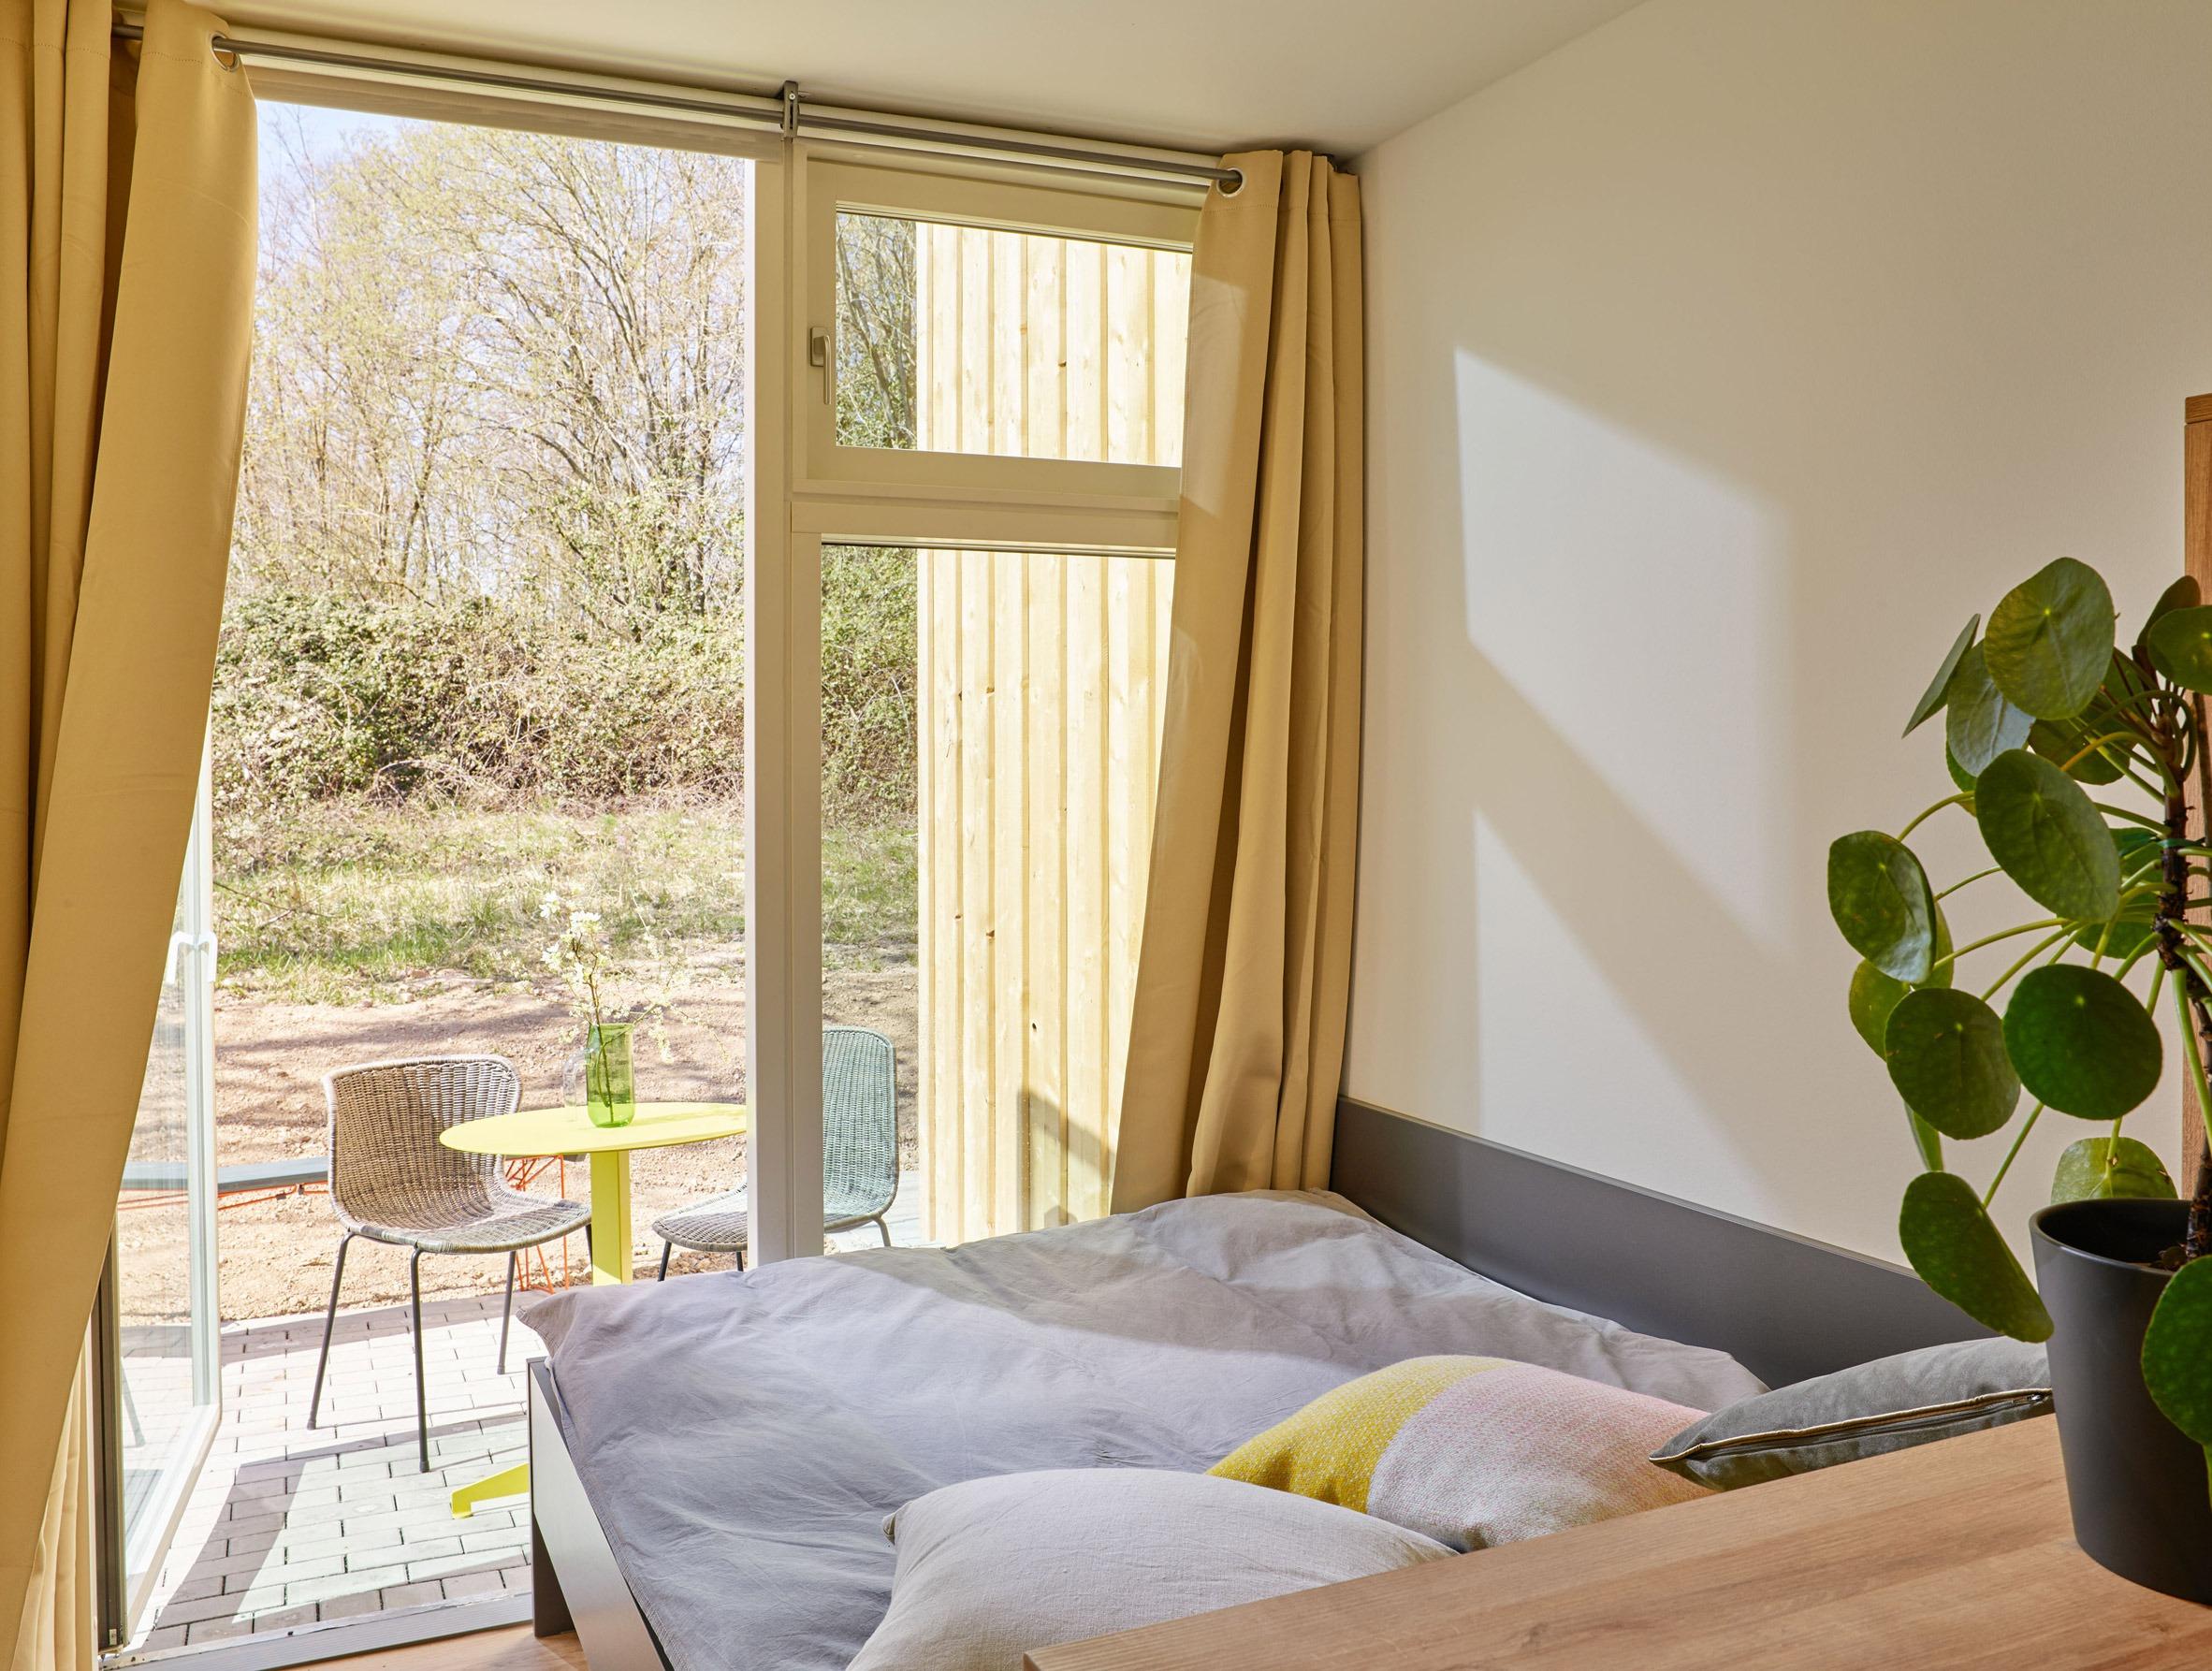 Camera da letto e terrazza / Stefan Hohloch